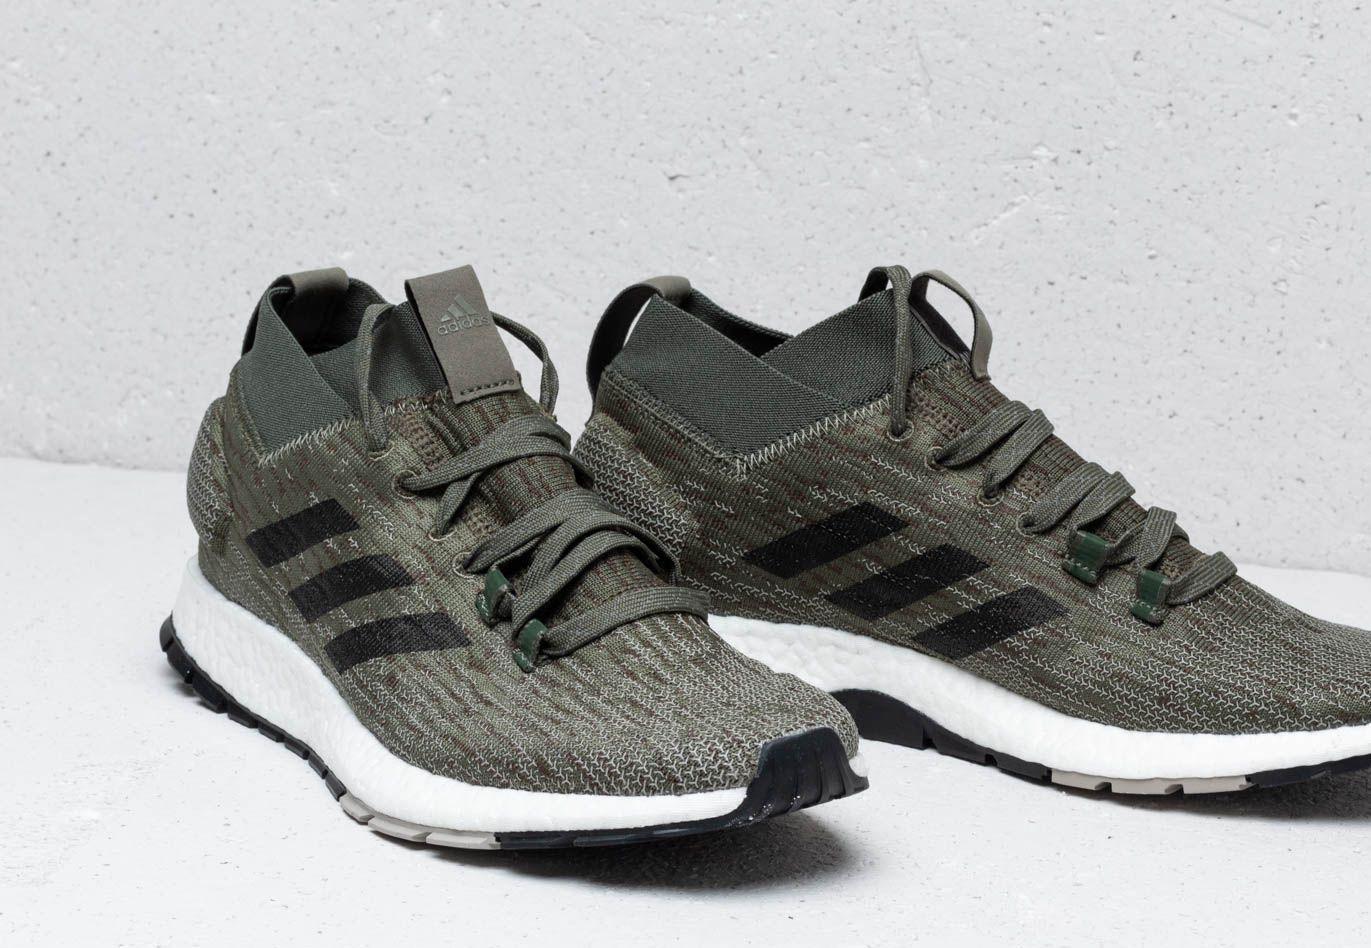 0bac29f9c Adidas Originals - Adidas Pureboost Rbl Base Green  Core Black  Sesame for  Men -. View fullscreen